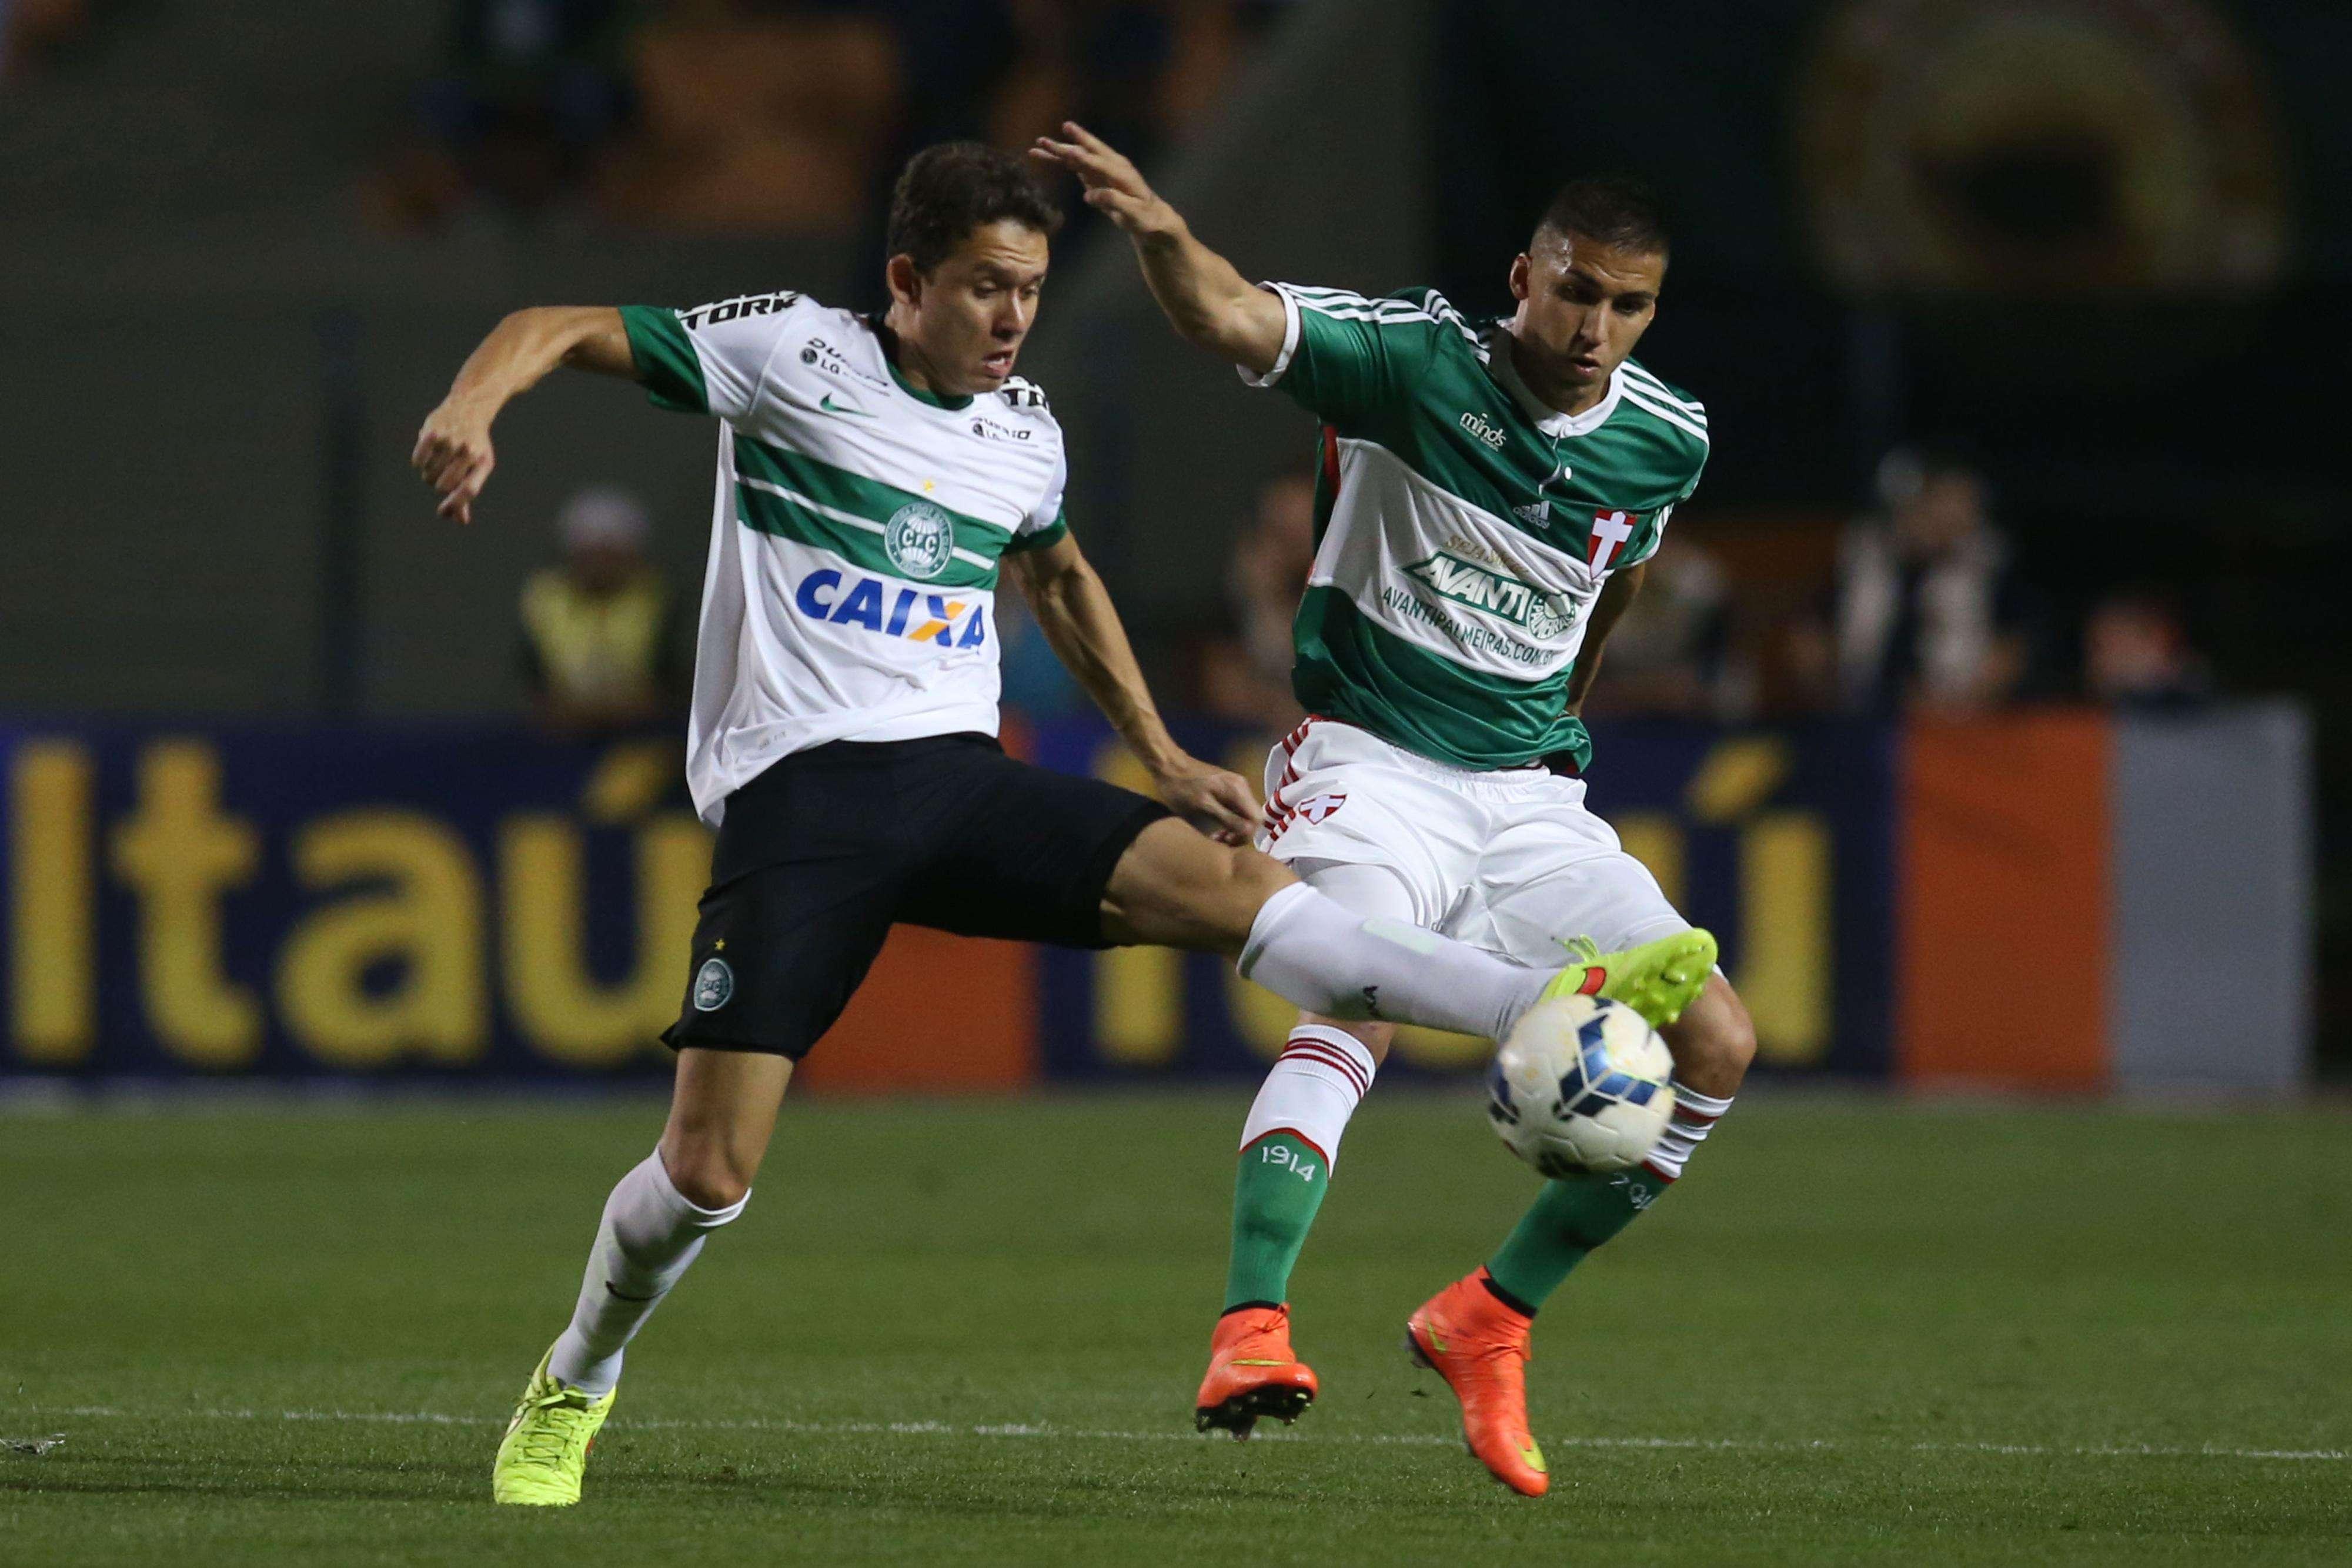 Keirrison e Tobio disputam bola no Pacaembu Foto: Eduardo Viana/Agência Lance